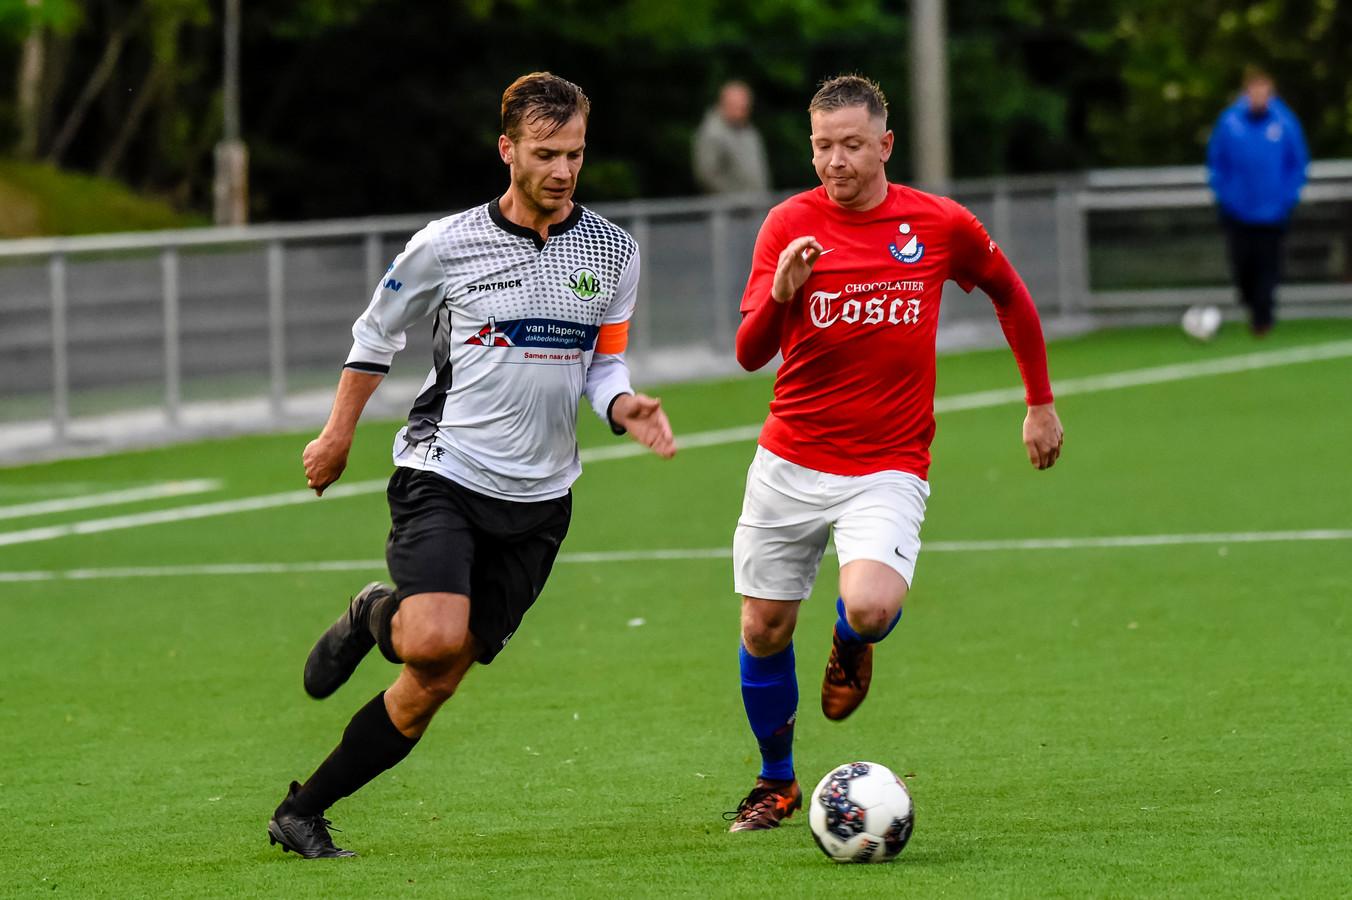 Voor SAB (wit-zwart) bleef het avontuur in de zondag derde klasse A beperkt tot één seizoen. De ploeg van trainer Meindert Dijkstra degradeerde na een nederlaag tegen HVV'24. (archieffoto)